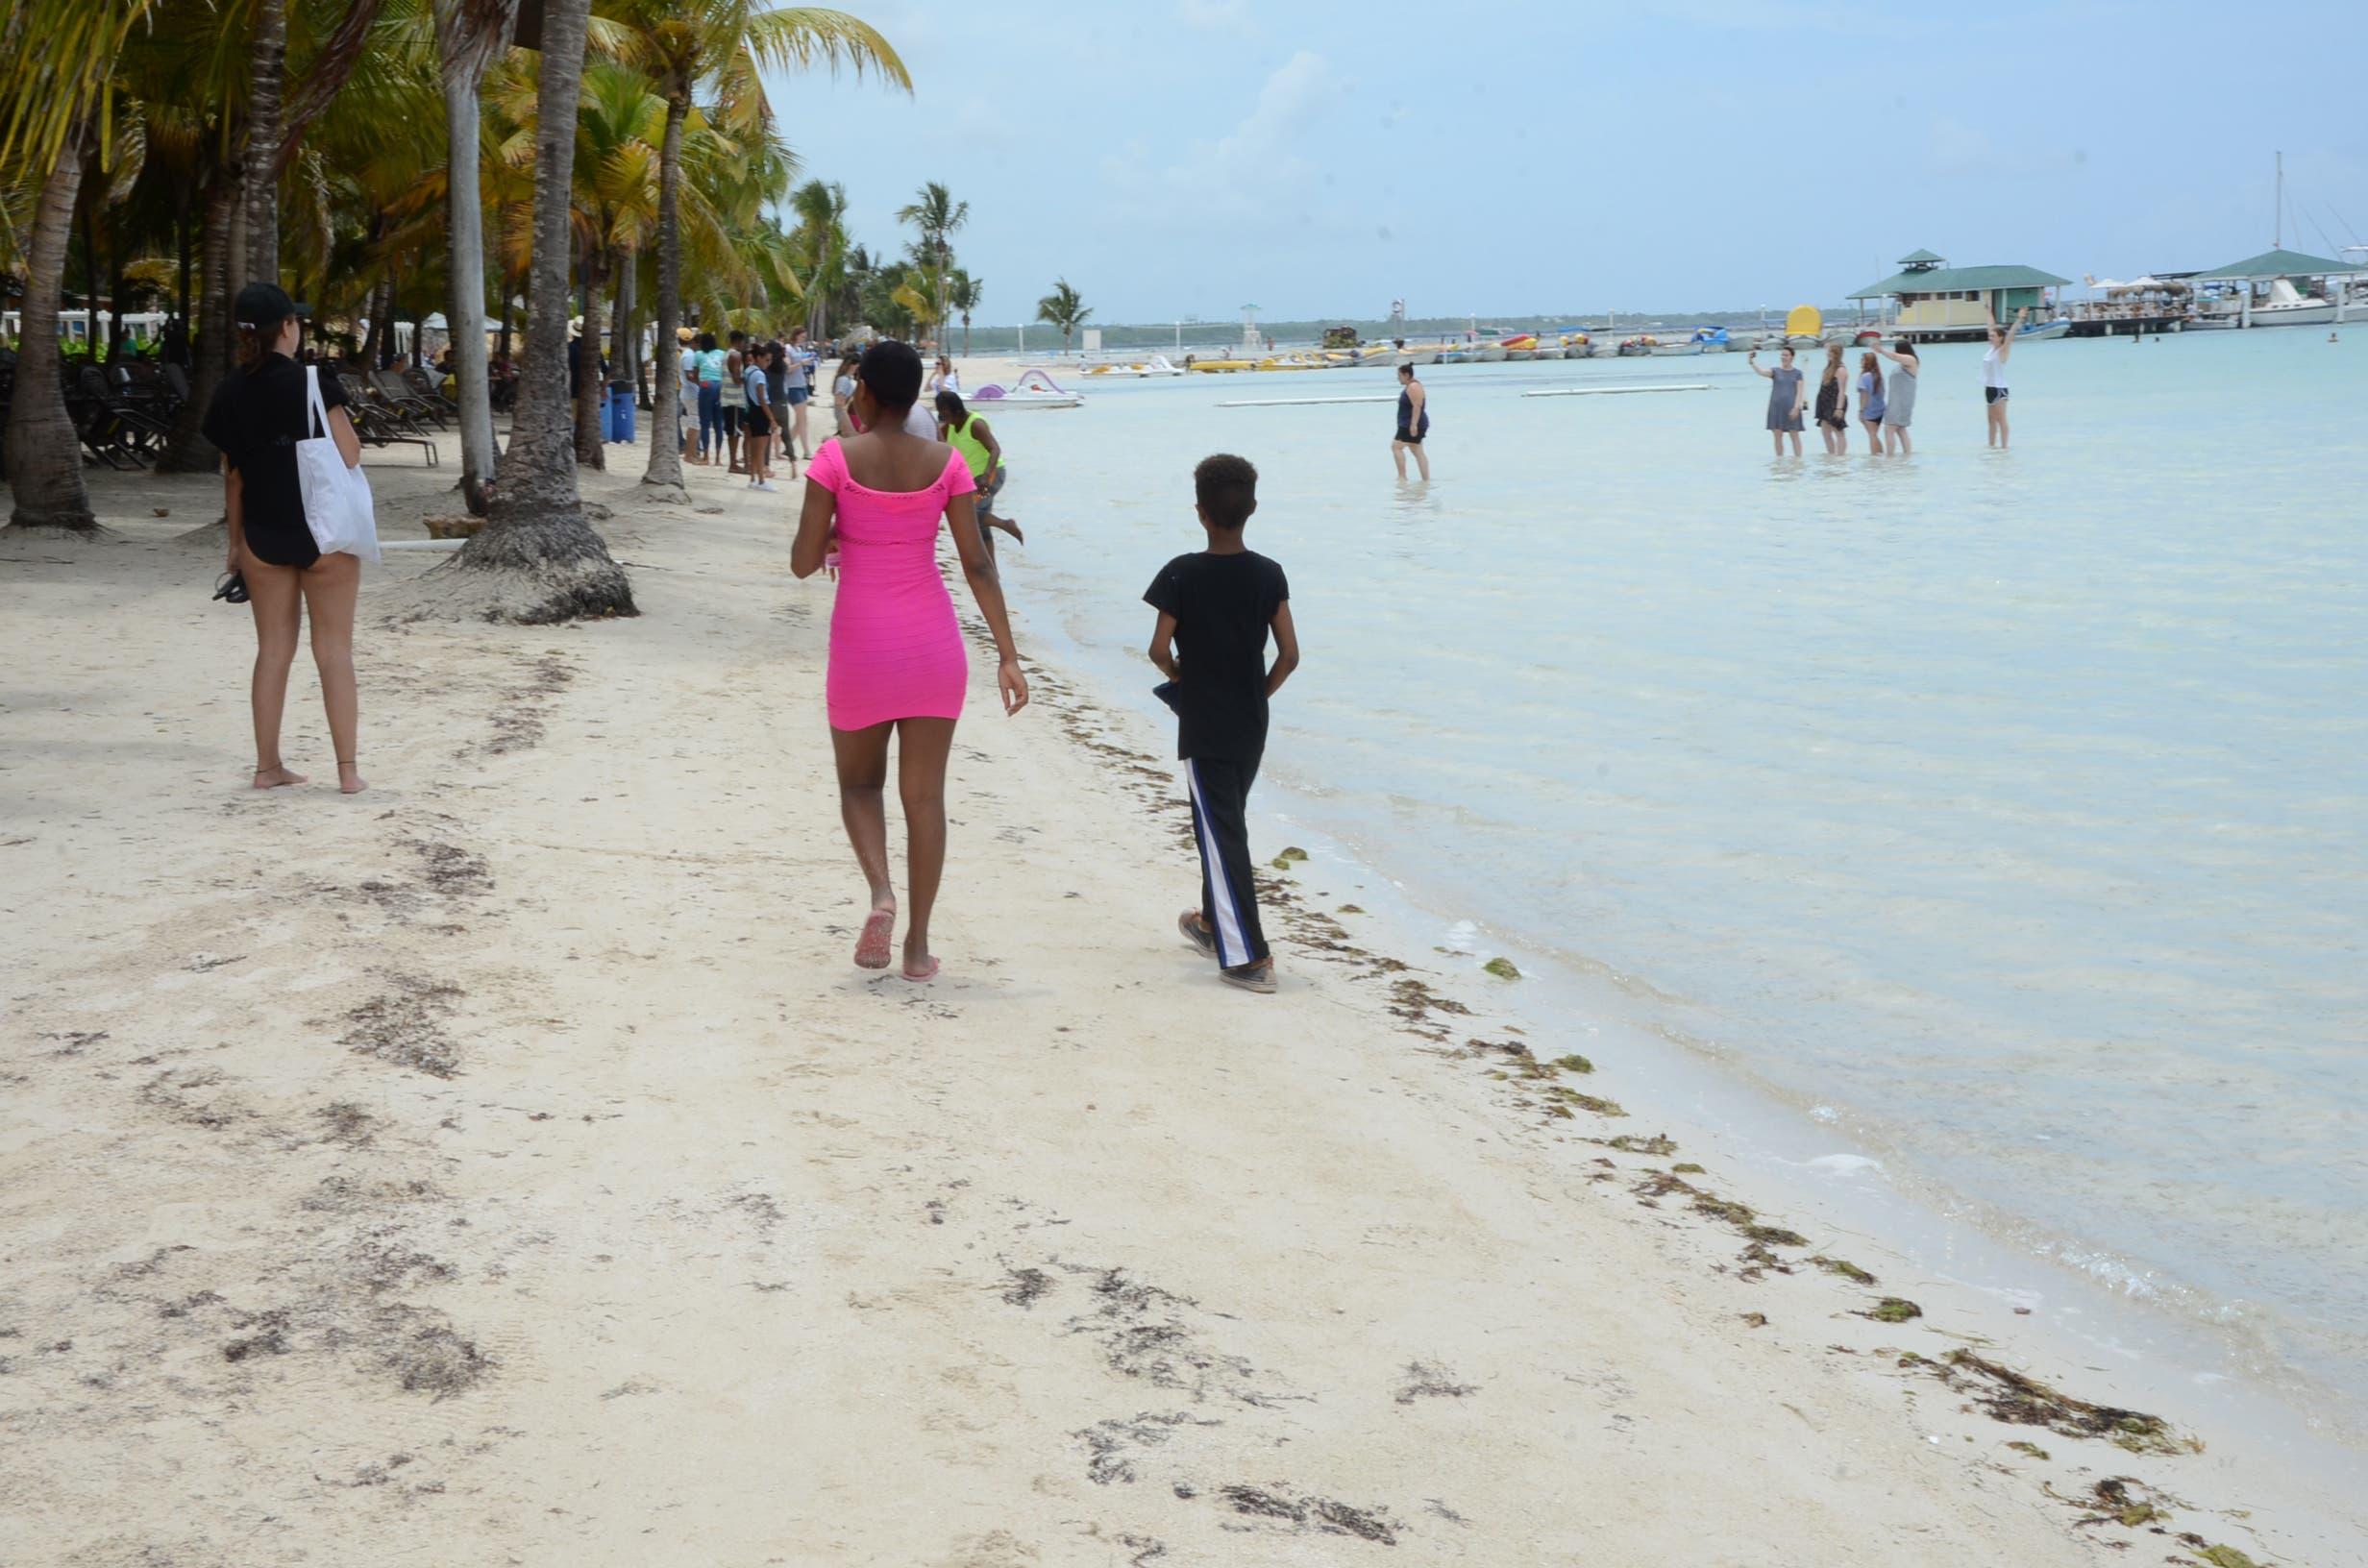 4. El impacto que genera la presencia de los sargazos en la playa suscita una baja afluencia de visitantes.   José de León